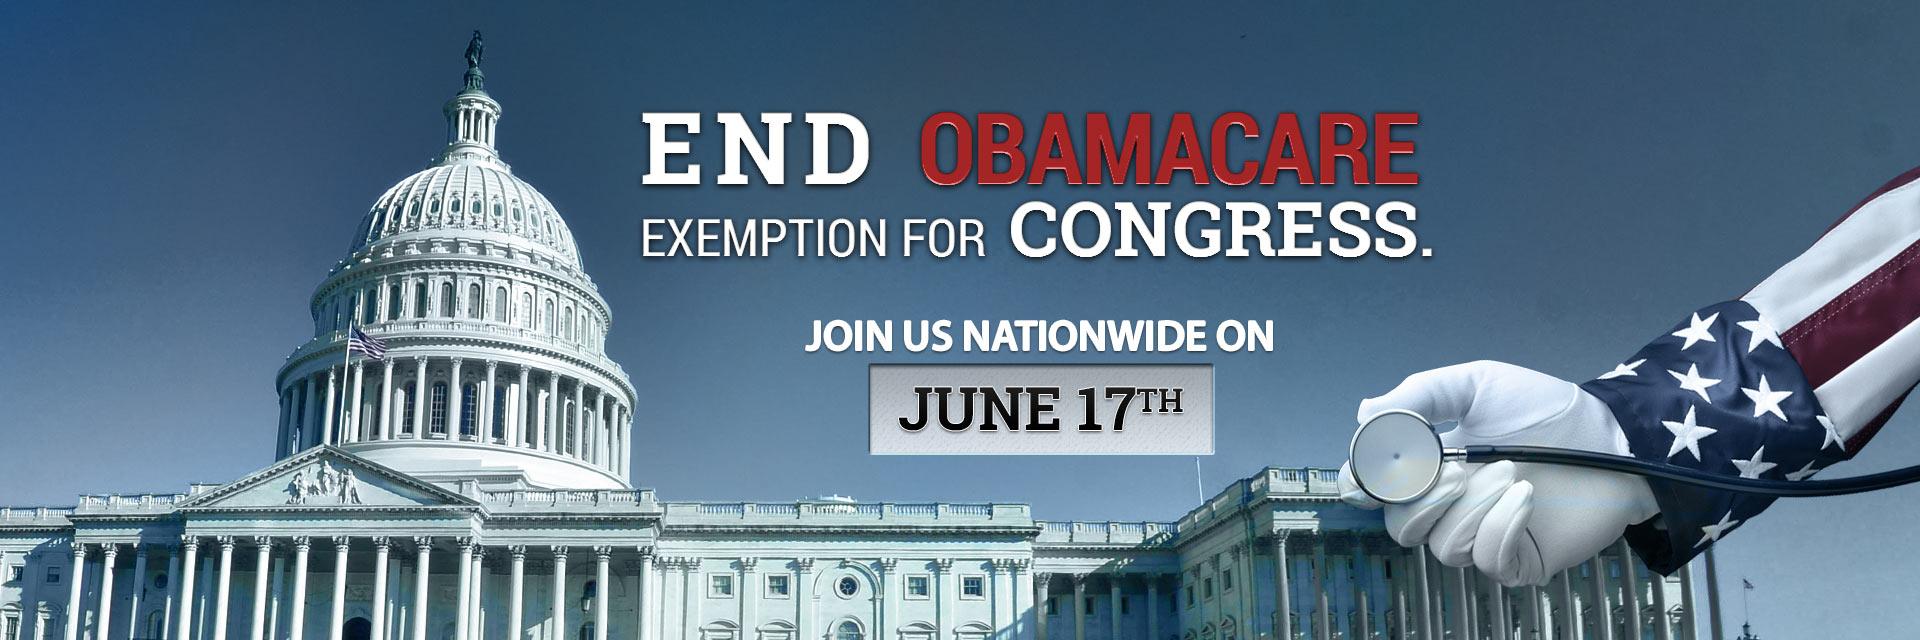 End-Obamacare-Exemption-HD-June-17